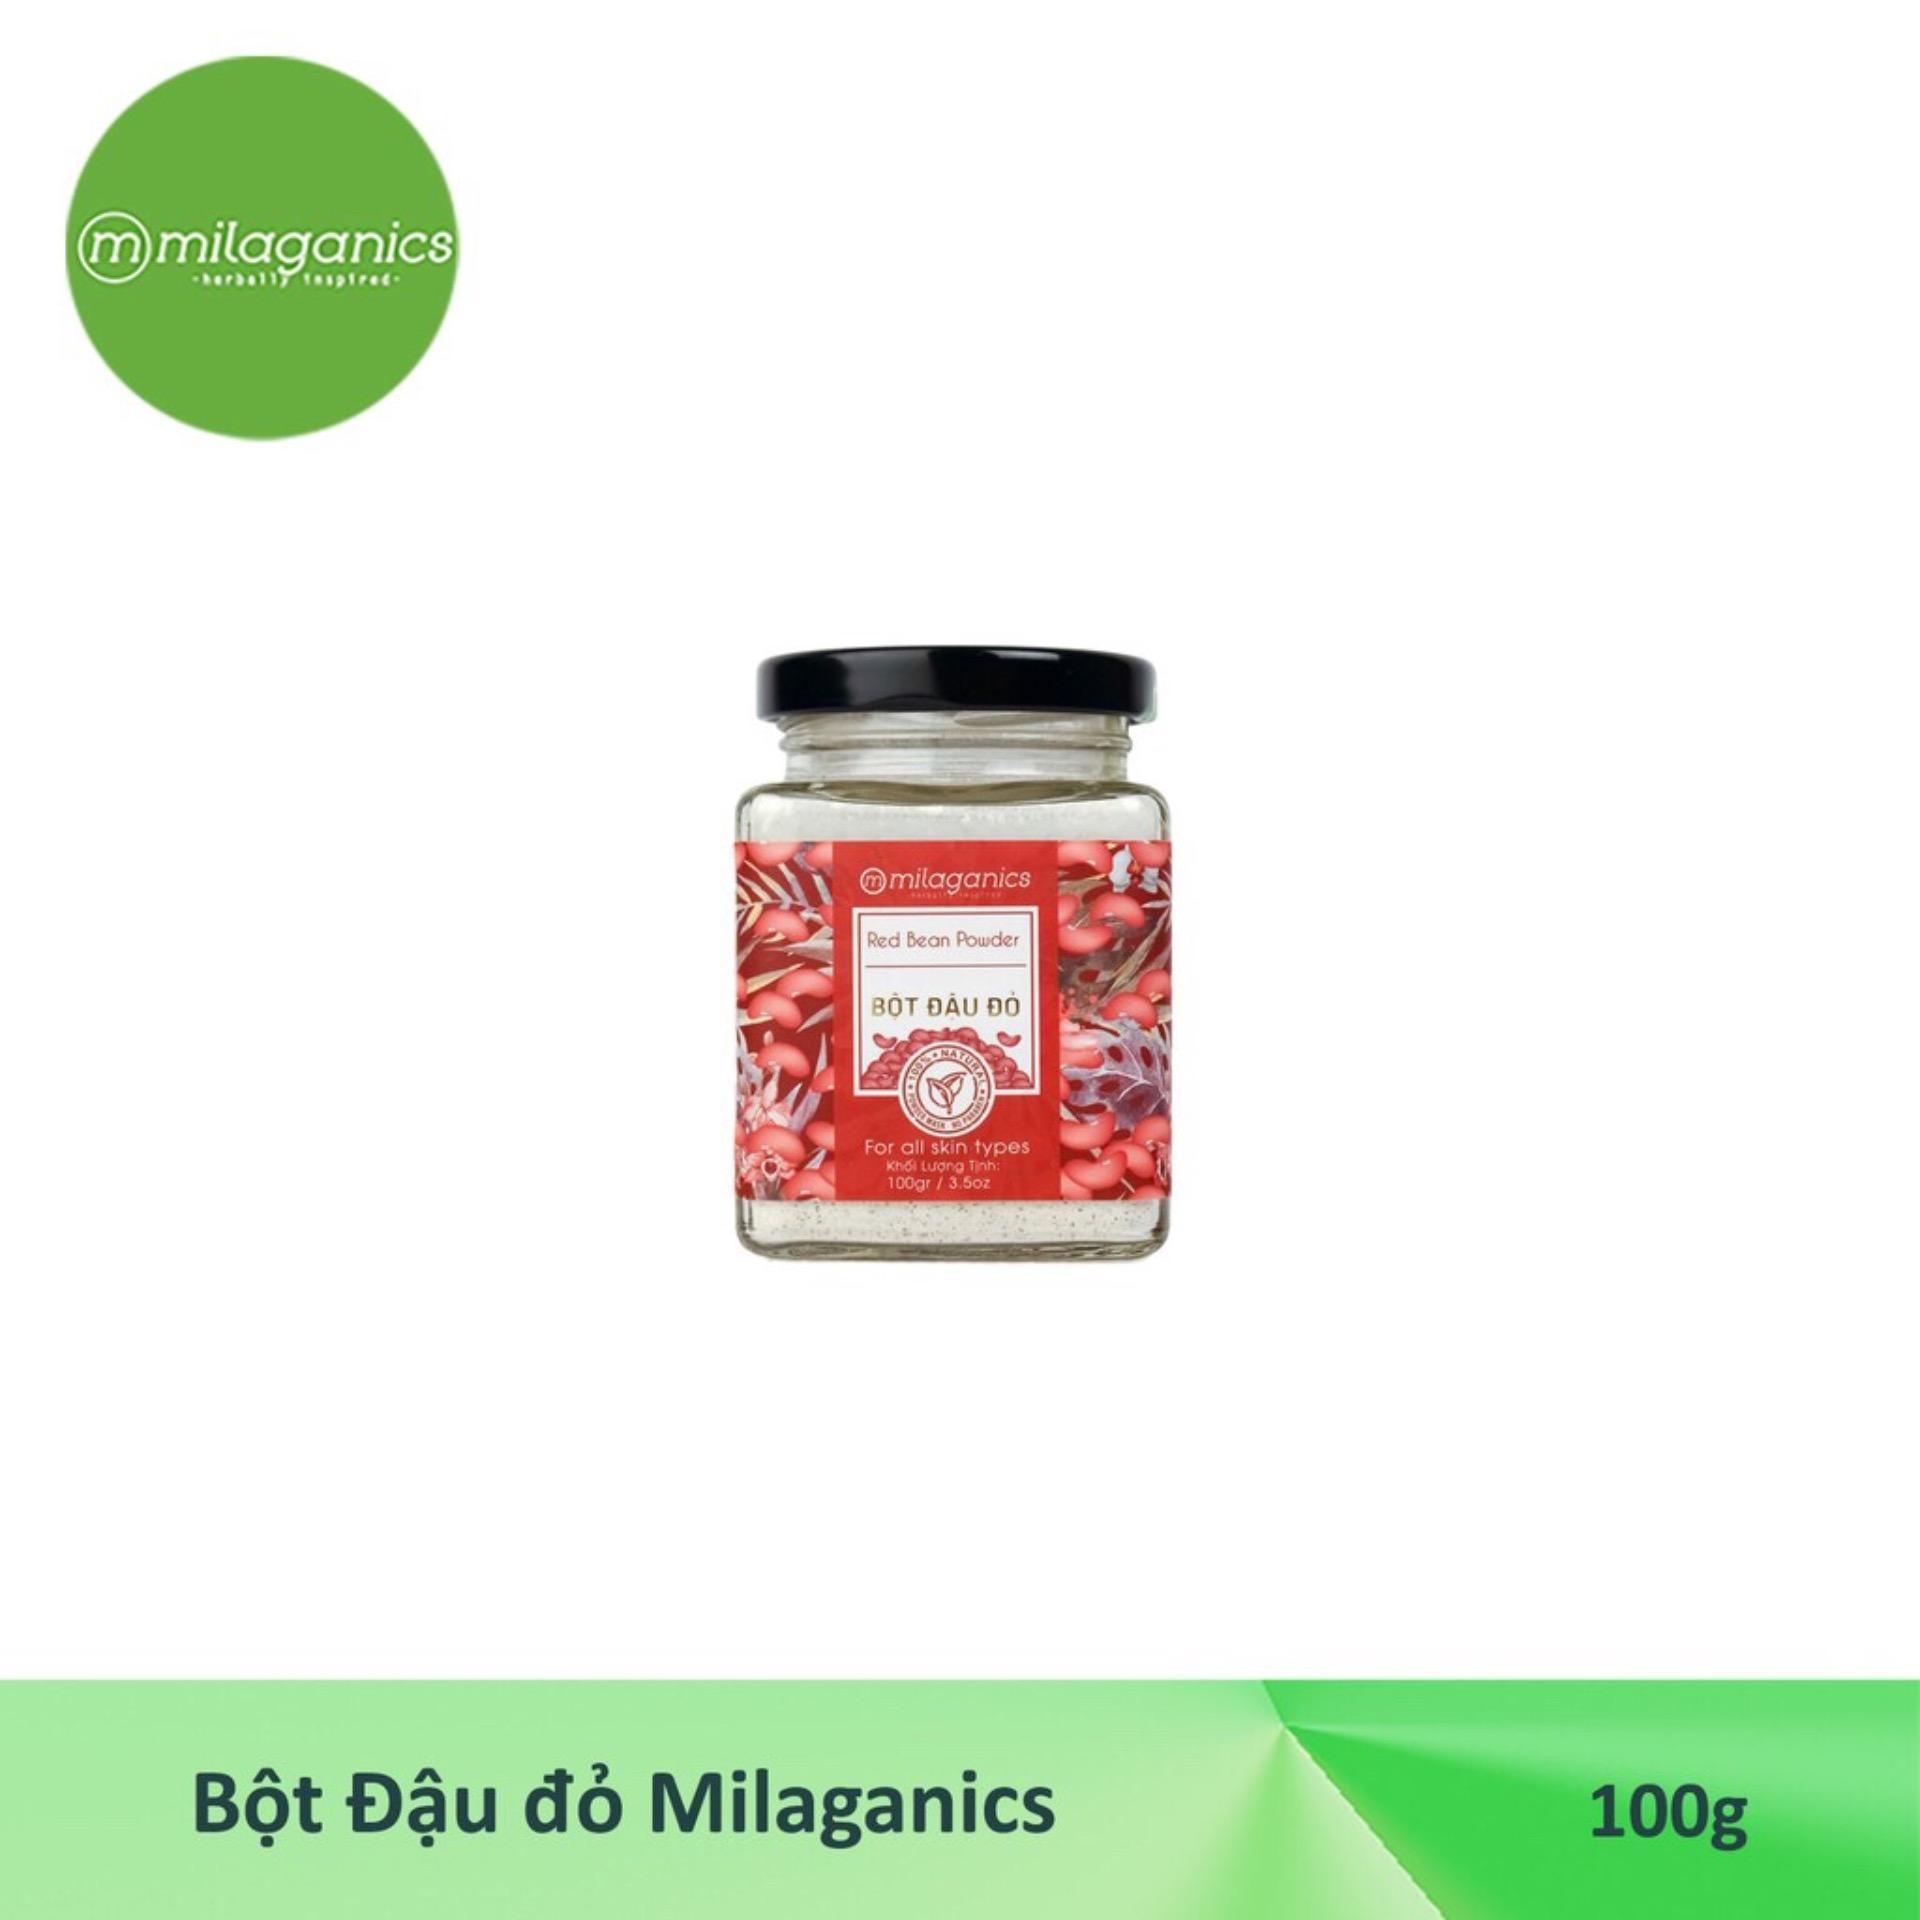 Bột đậu đỏ Milaganics 100g- H02 cao cấp